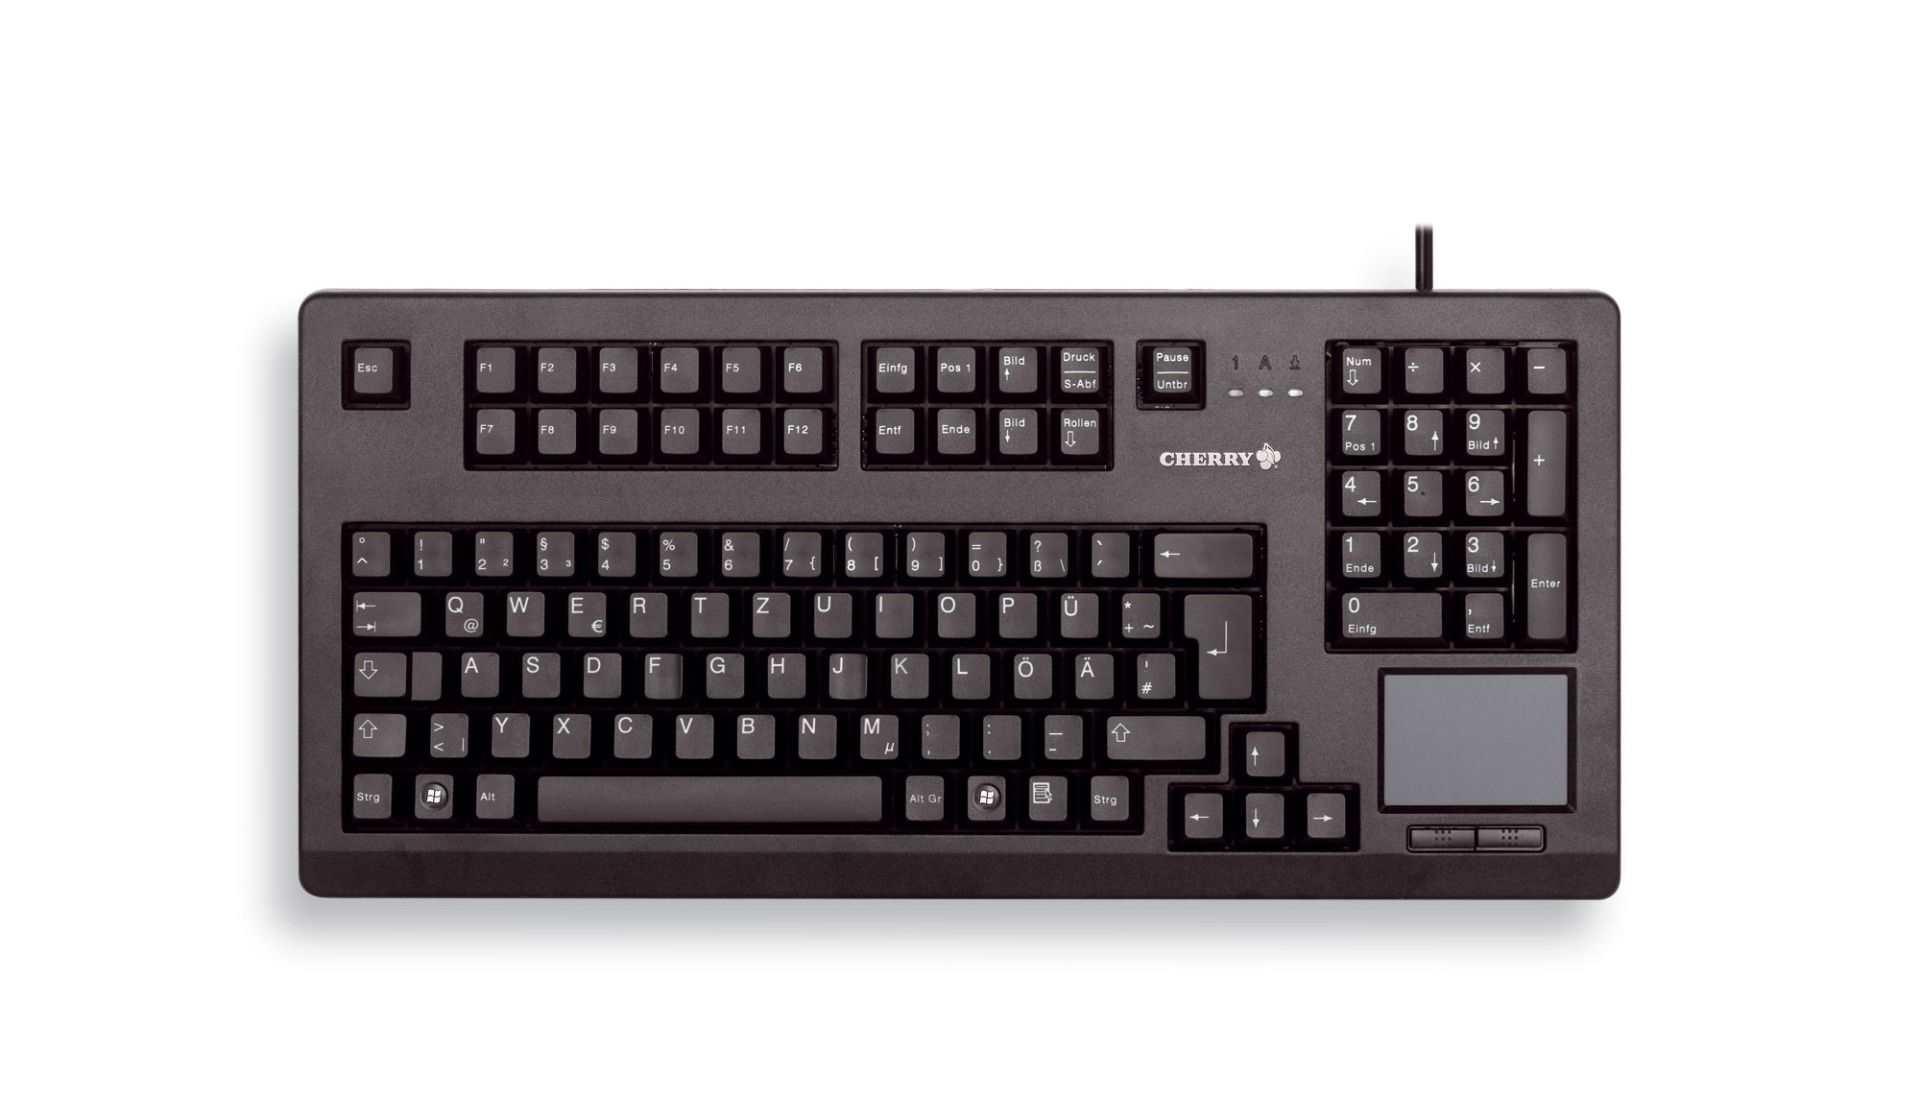 CHERRY klávesnice G80-11900 / touchpad / drátová / USB 2.0 / černá / EU layout